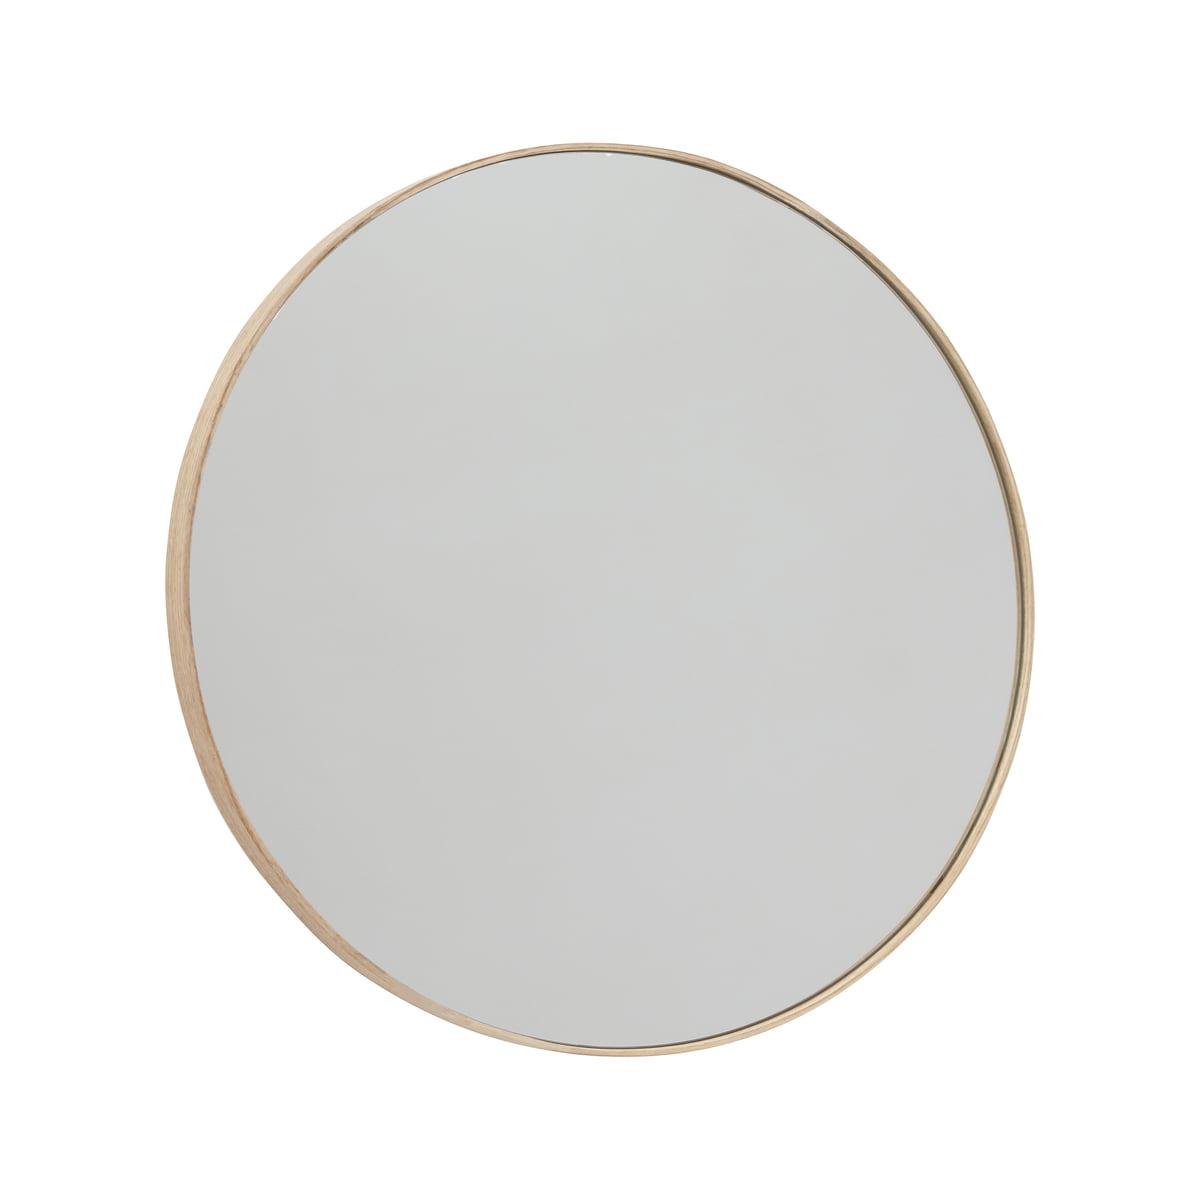 OYOY - Mun Wandspiegel Ø 70 cm, Esche